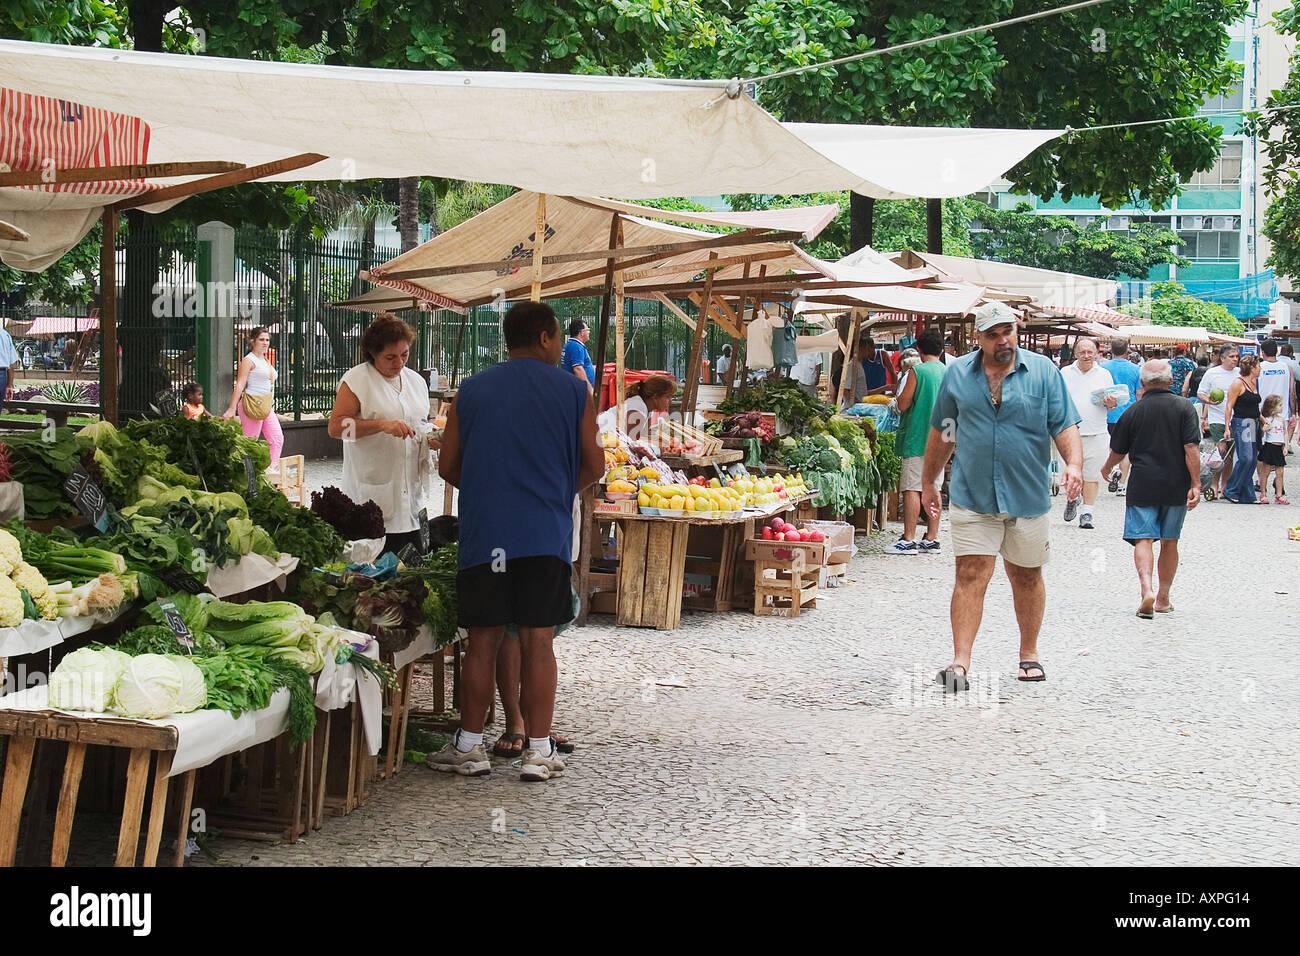 Shopping f r obst und gem se auf einem stra enmarkt in rio de janeiro brasilien stockfoto bild - Obst und gemuseplatte fur kindergarten ...